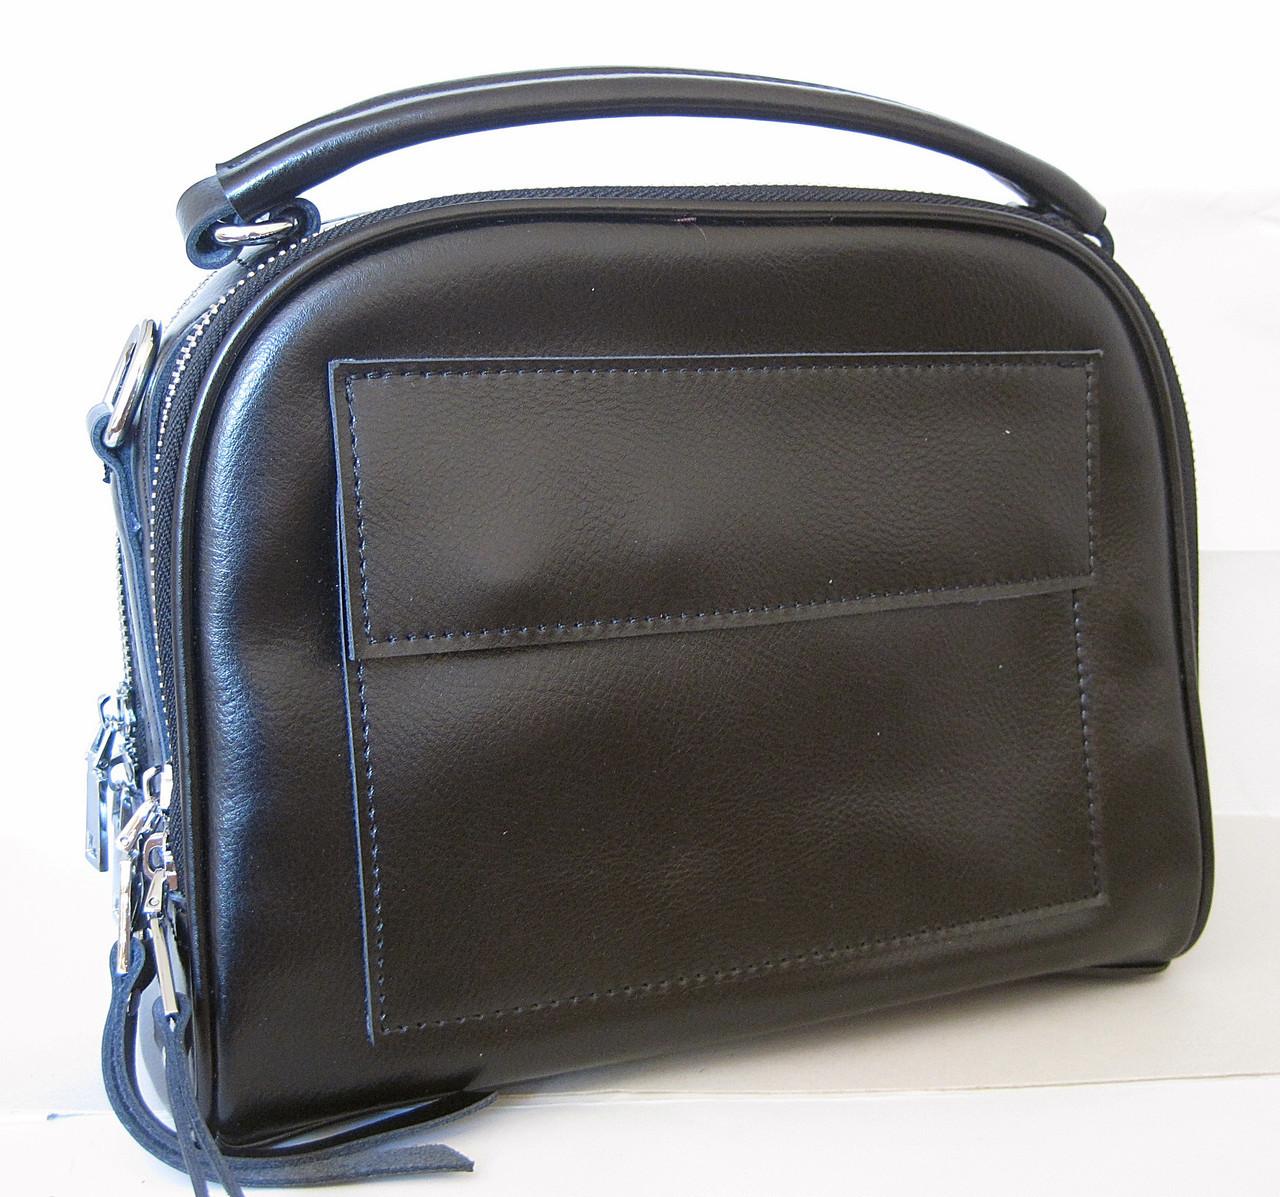 Женский кожаная сумка клатч 2087 Black Женская кожаная сумка, кожаный женский  клатч b1dcfc4a140